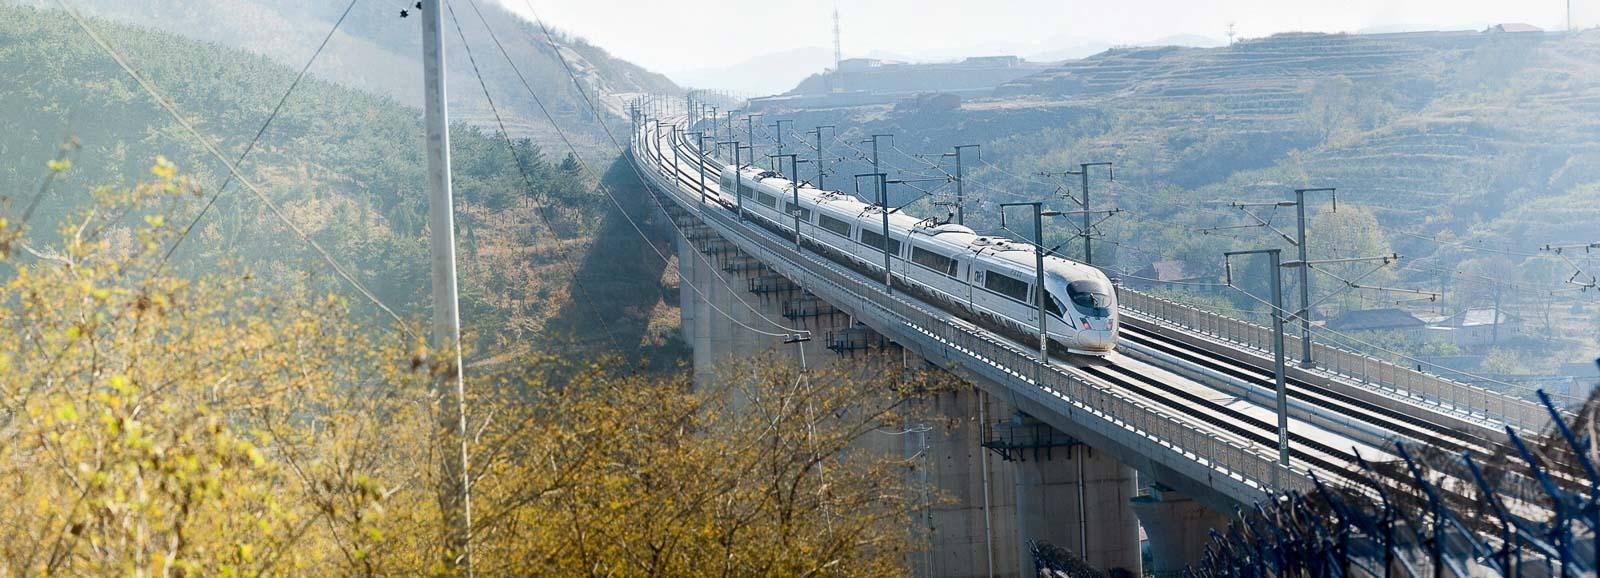 CRH Hochgeschwindigkeitszug in China – Industriefoto